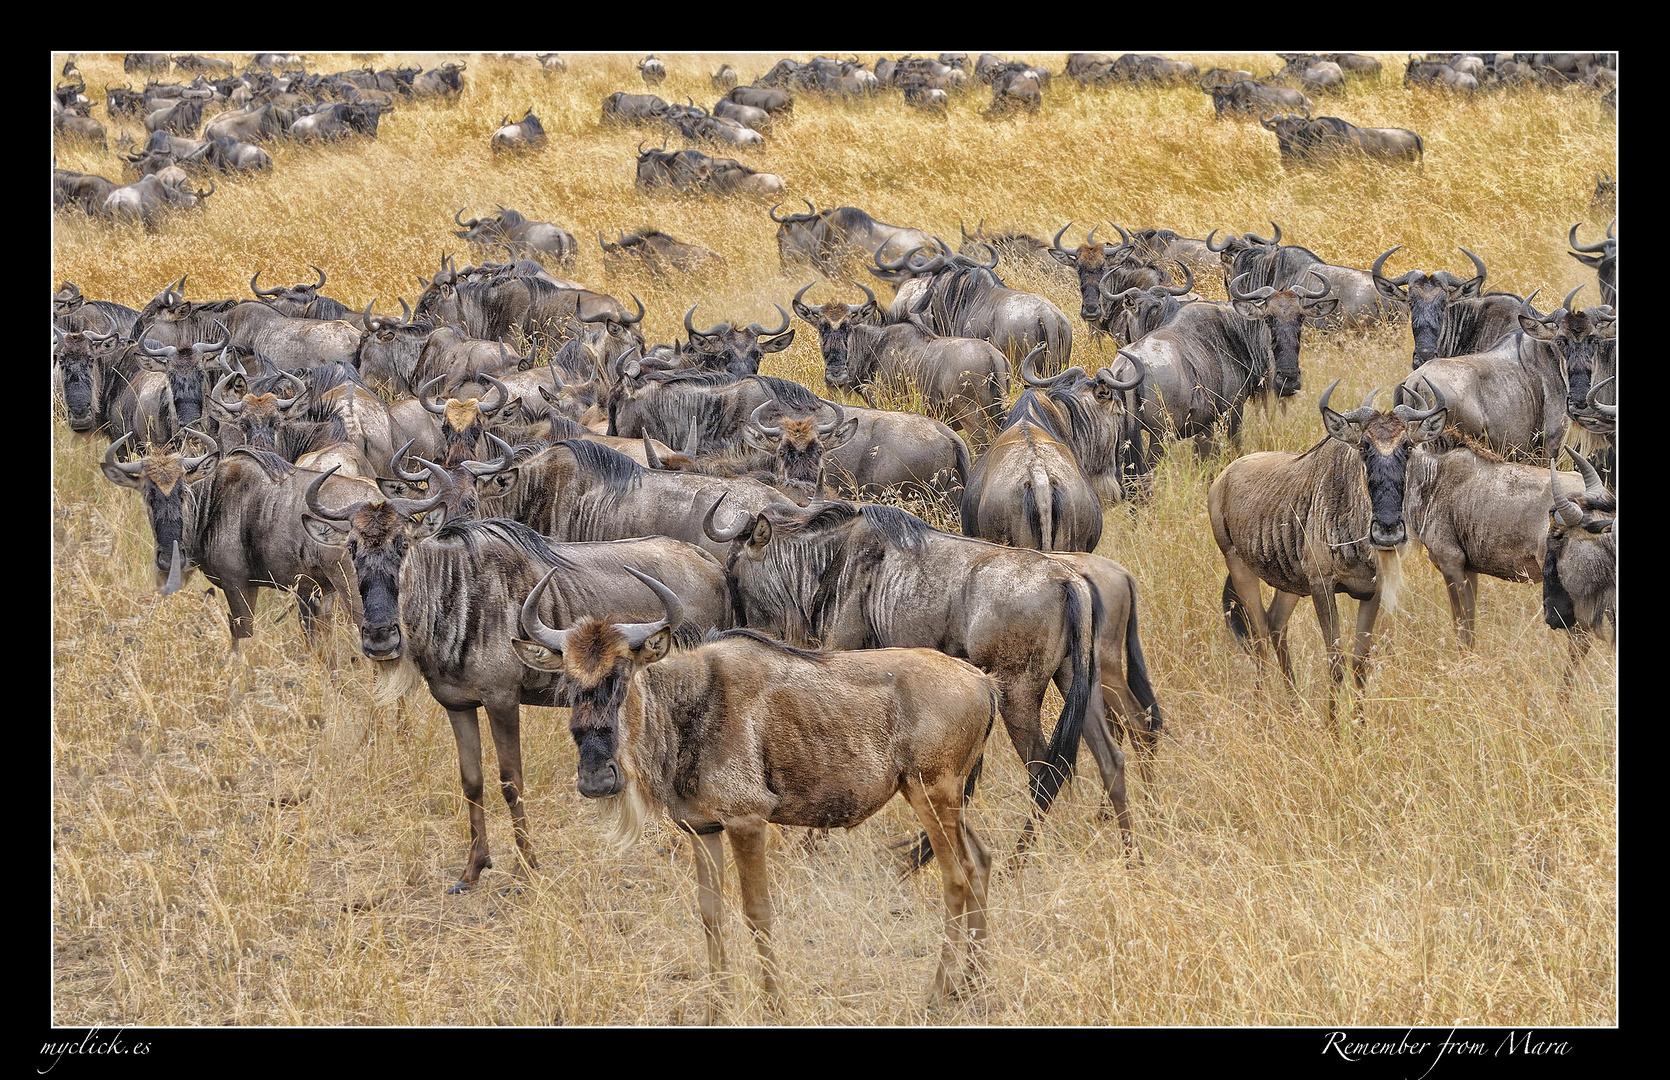 MEMORIAS DE AFRICA-UNOS ÑUS -PN MASAI MARA -KENIA